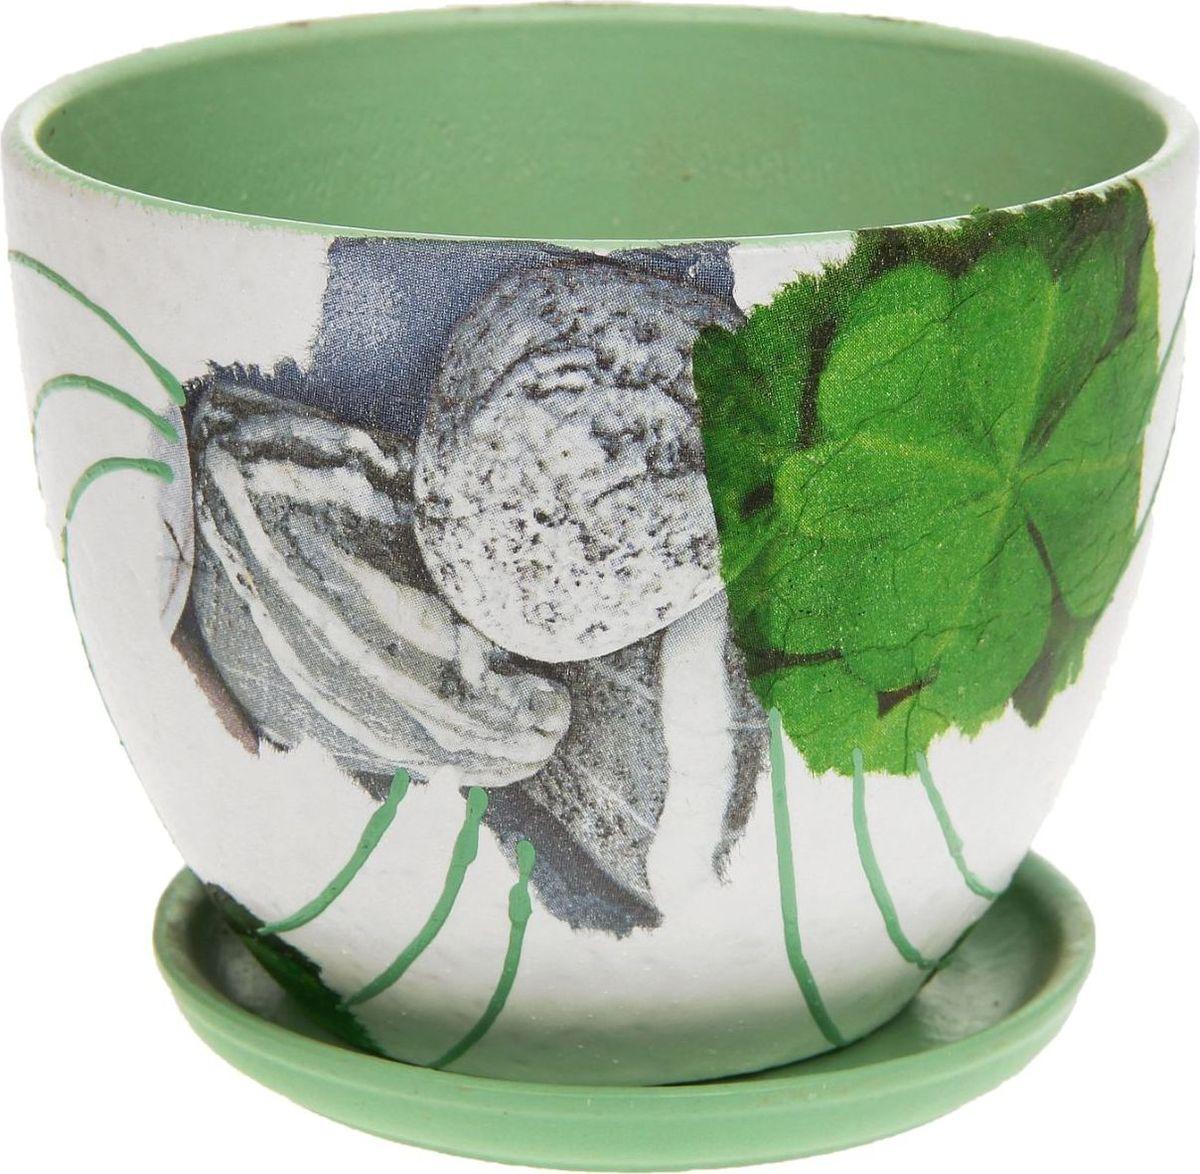 Кашпо Эко стиль, 1,1 л1138742Комнатные растения — всеобщие любимцы. Они радуют глаз, насыщают помещение кислородом и украшают пространство. Каждому из них необходим свой удобный и красивый дом. Кашпо из керамики прекрасно подходят для высадки растений: за счёт пластичности глины и разных способов обработки существует великое множество форм и дизайновпористый материал позволяет испаряться лишней влагевоздух, необходимый для дыхания корней, проникает сквозь керамические стенки! #name# позаботится о зелёном питомце, освежит интерьер и подчеркнёт его стиль.